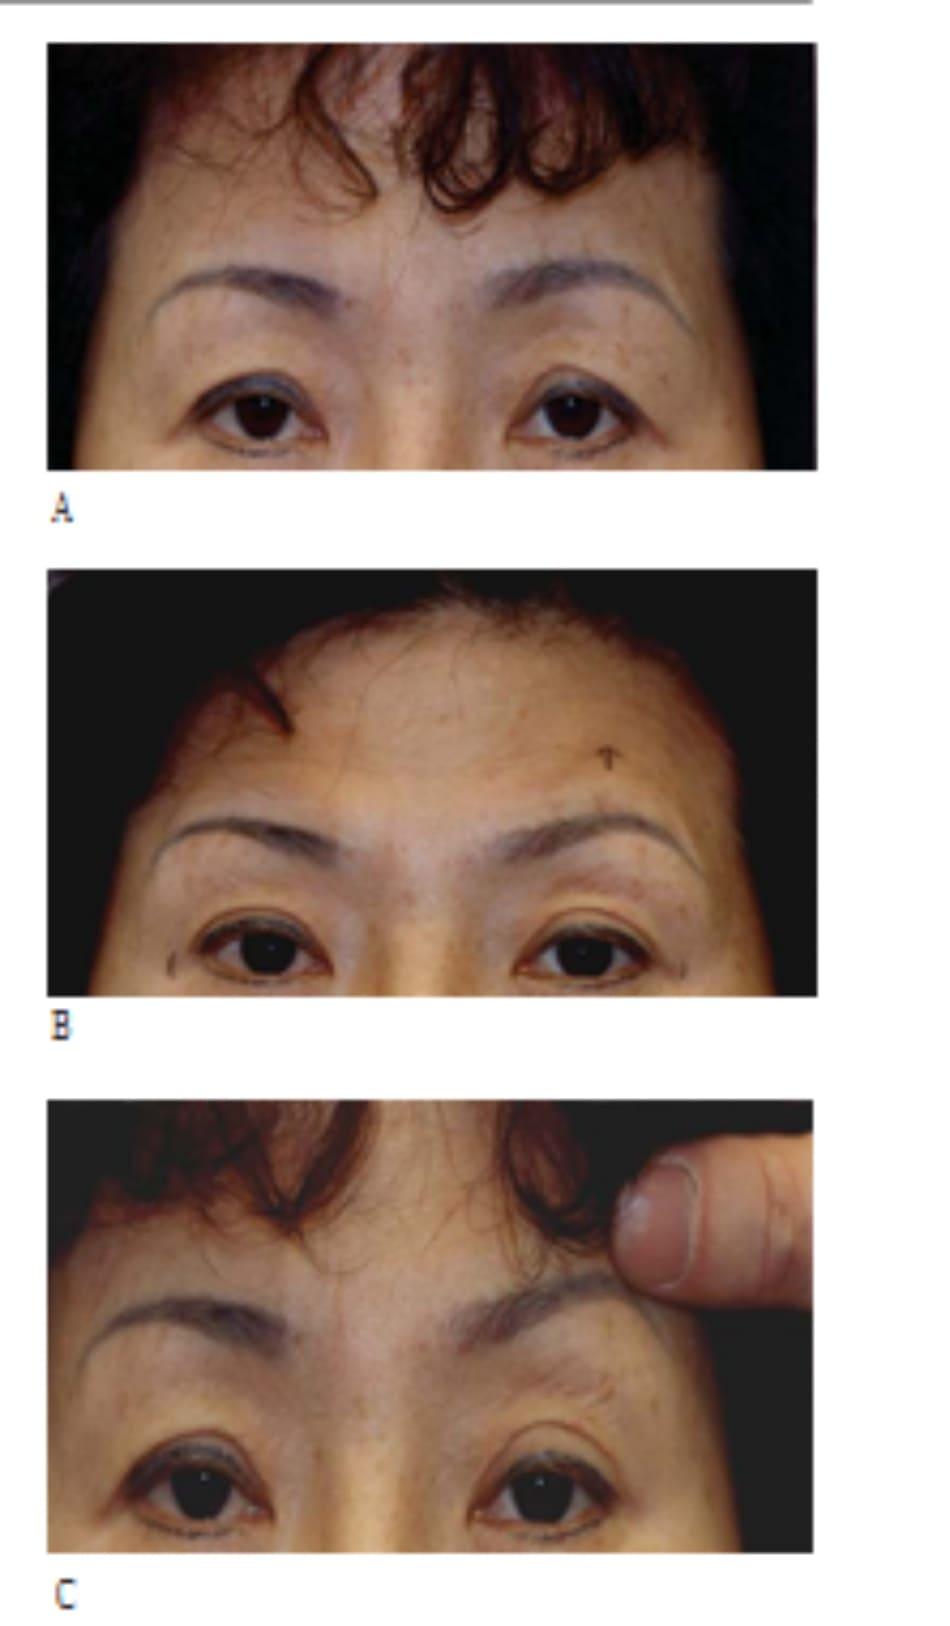 Hình 13-2 A, Rủ vành ngoài là dấu hiệu đầu tiên của lỏng lẻo mí trên. B, Bệnh nhân nhướn mày để minh họa hiệu quả của nâng trán. Nghiệm pháp này giúp xác định cung mày bất xứng, có thể gây bất xứng động hậu phẫu. C, Hiệu quả toàn bộ của nâng trán trên nếp gấp hai mí được minh họa. Nghiệm pháp này là công cụ hướng dẫn tuyệt vời cho những bệnh nhân muốn phẫu thuất mí mắt đơn giản và không tốn kém.